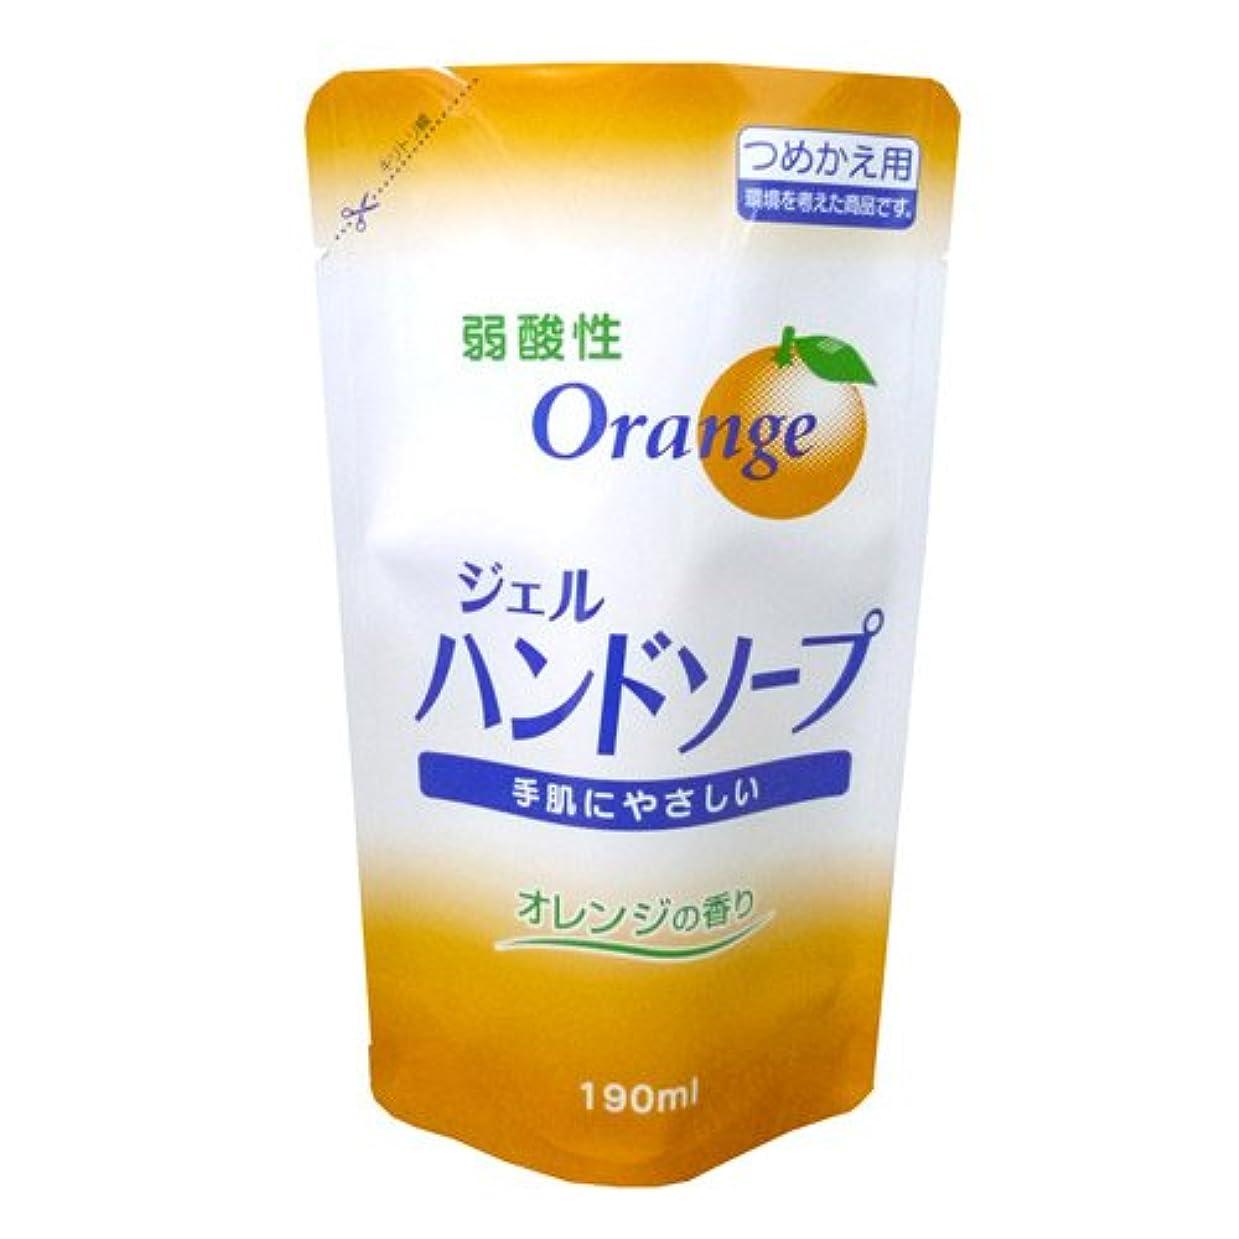 原理ゴージャスジャングル弱酸性ジェルハンドソープ 詰替用 190ml